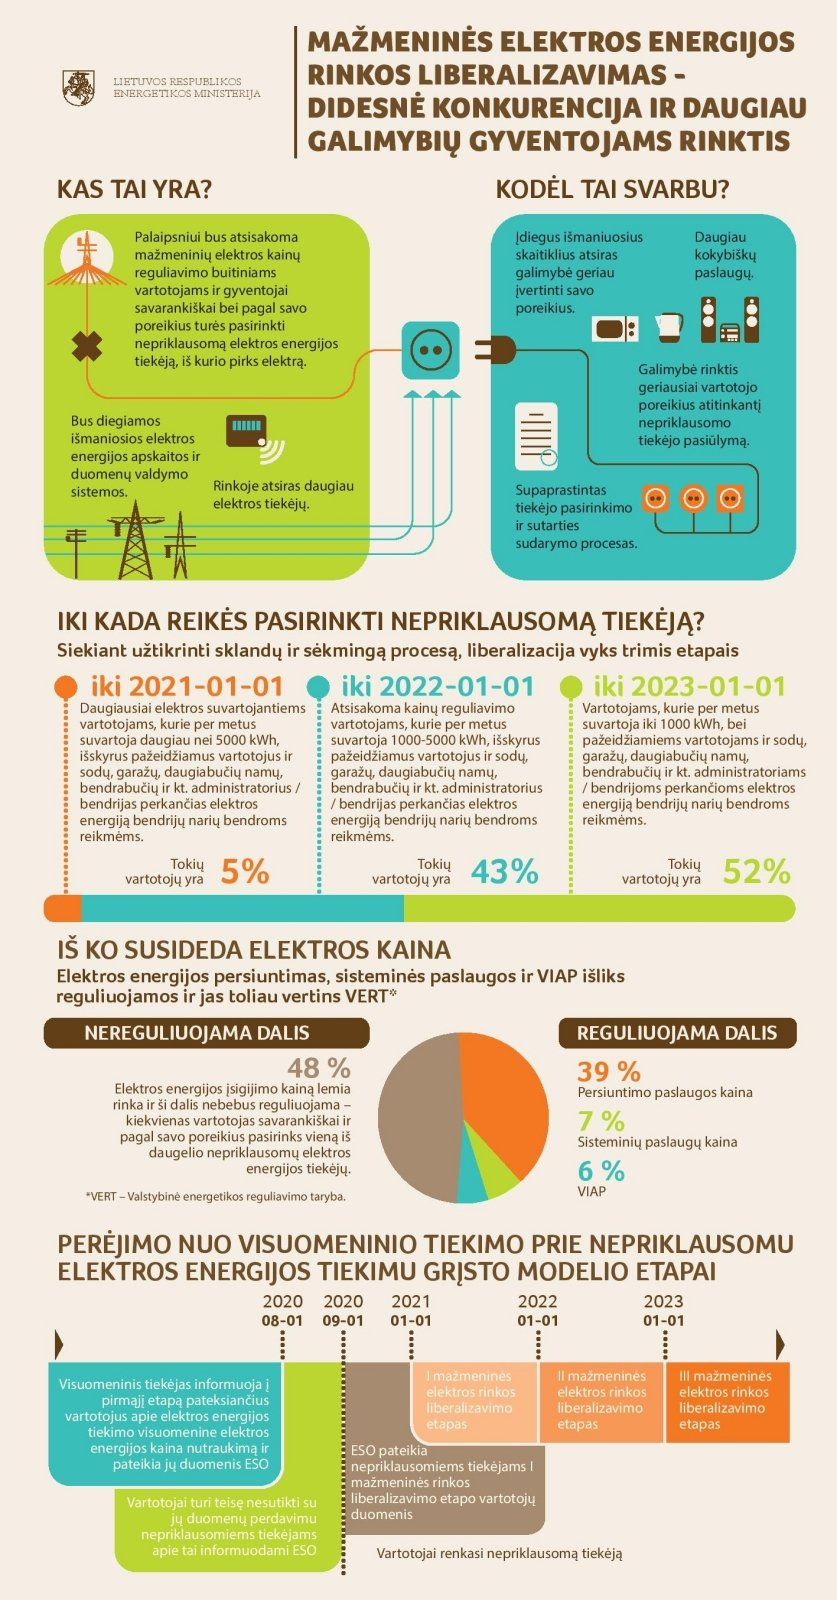 prekybos energija valdymo sistema binarinių opcionų prekybininkas malaizija